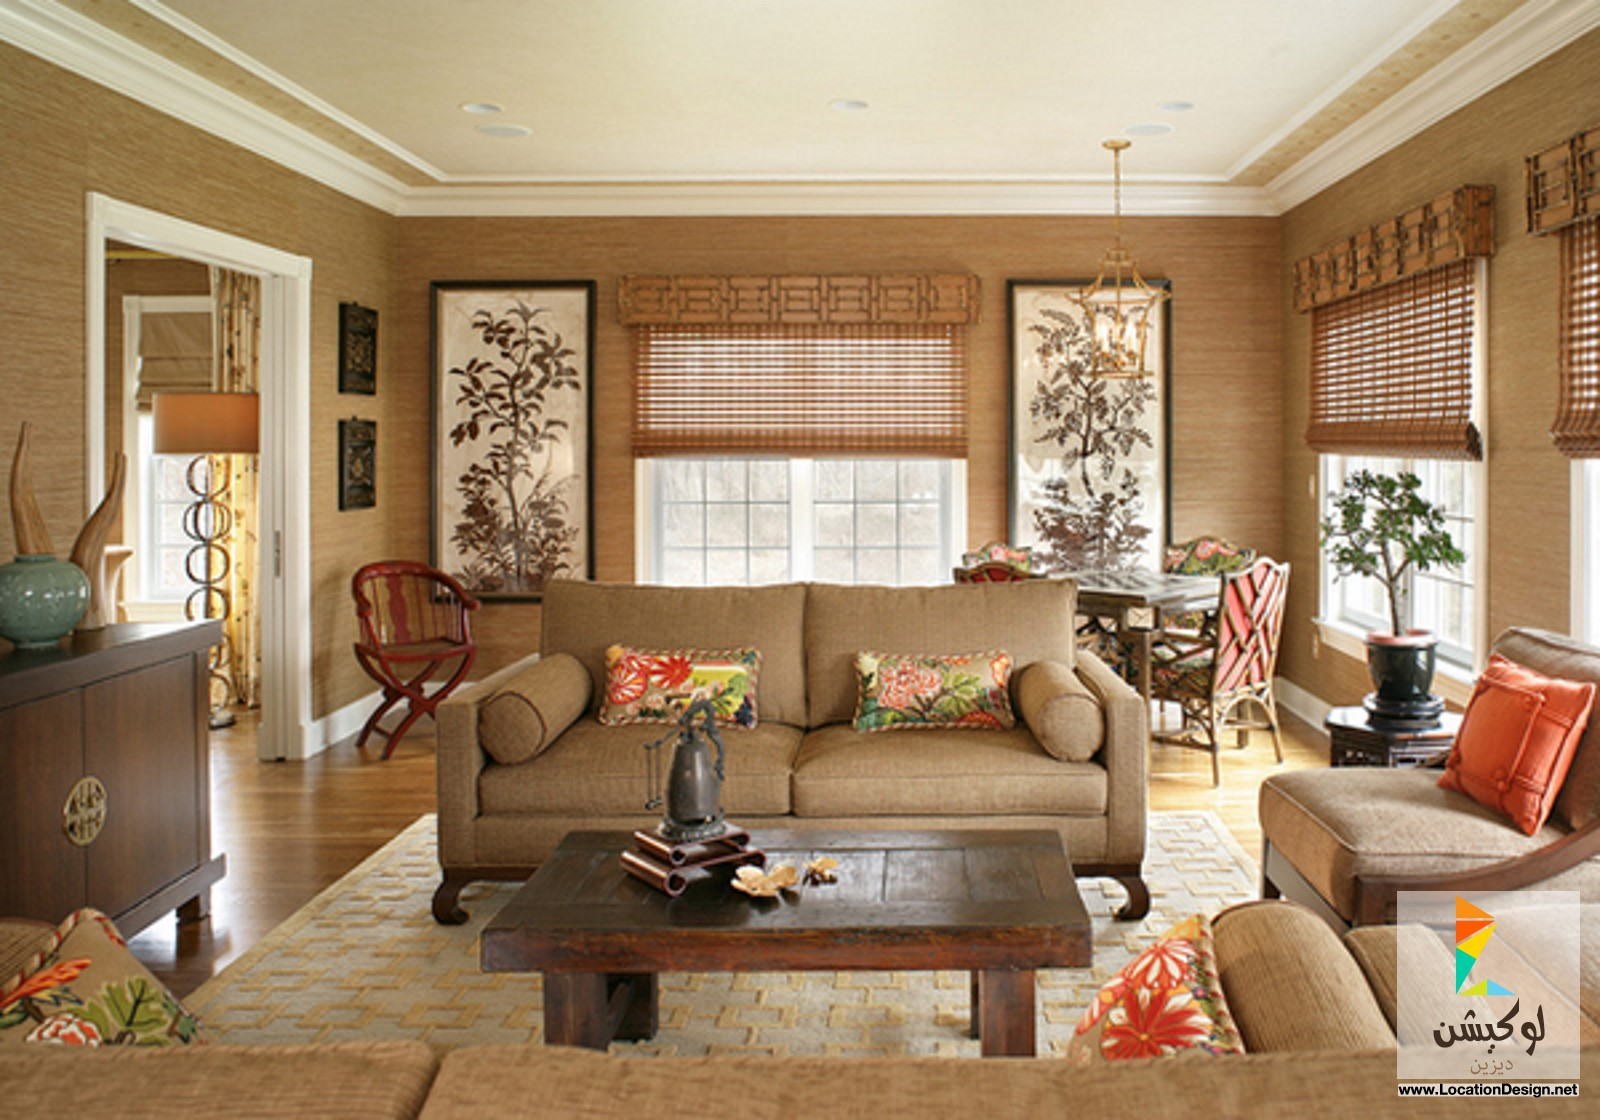 بالصور ديكورات منازل بسيطة , ديكور منازل 4256 3